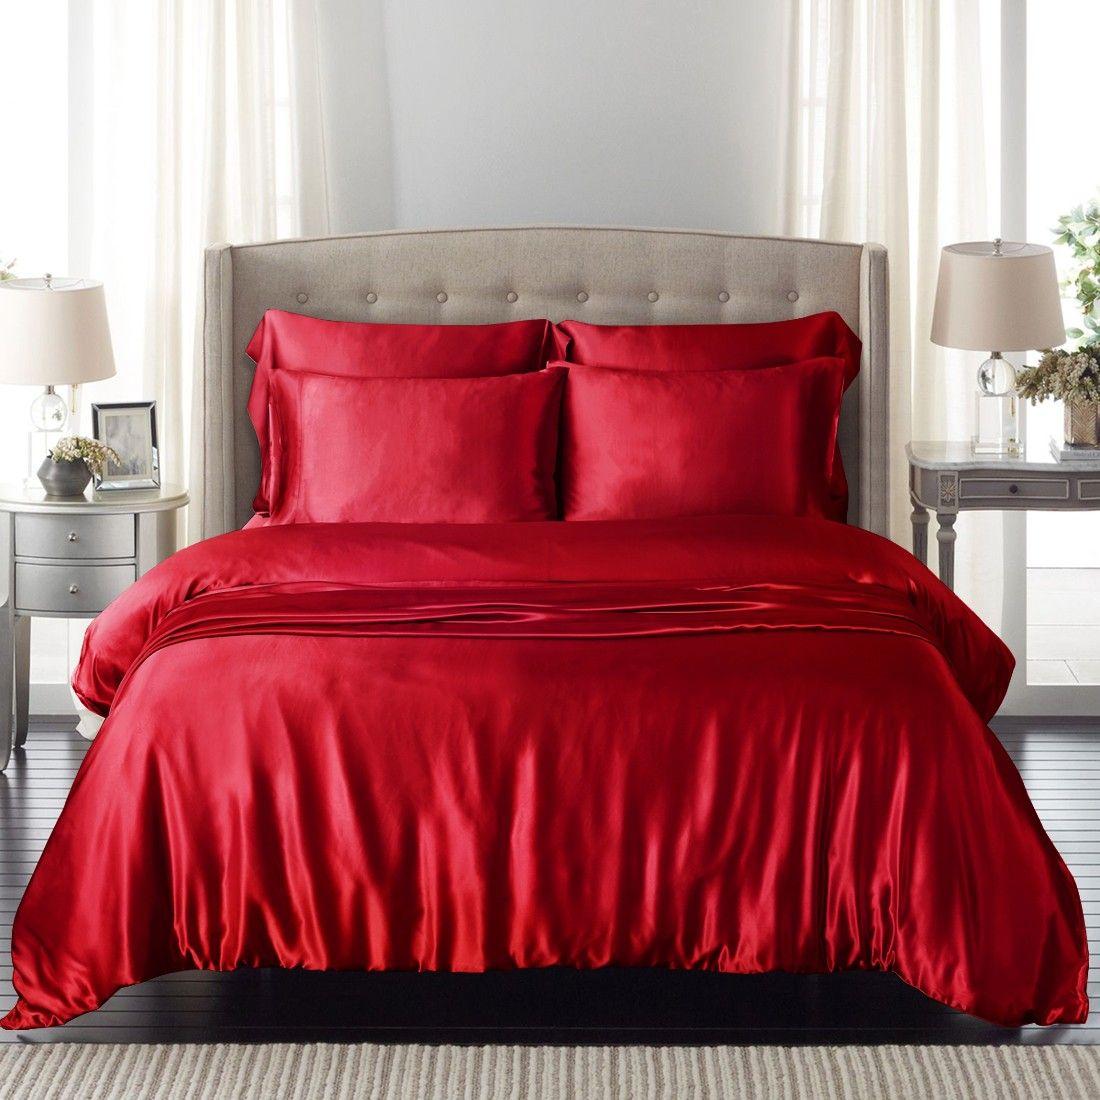 Cherry Silk Duvet Cover in 2019 Red duvet cover, Duvet